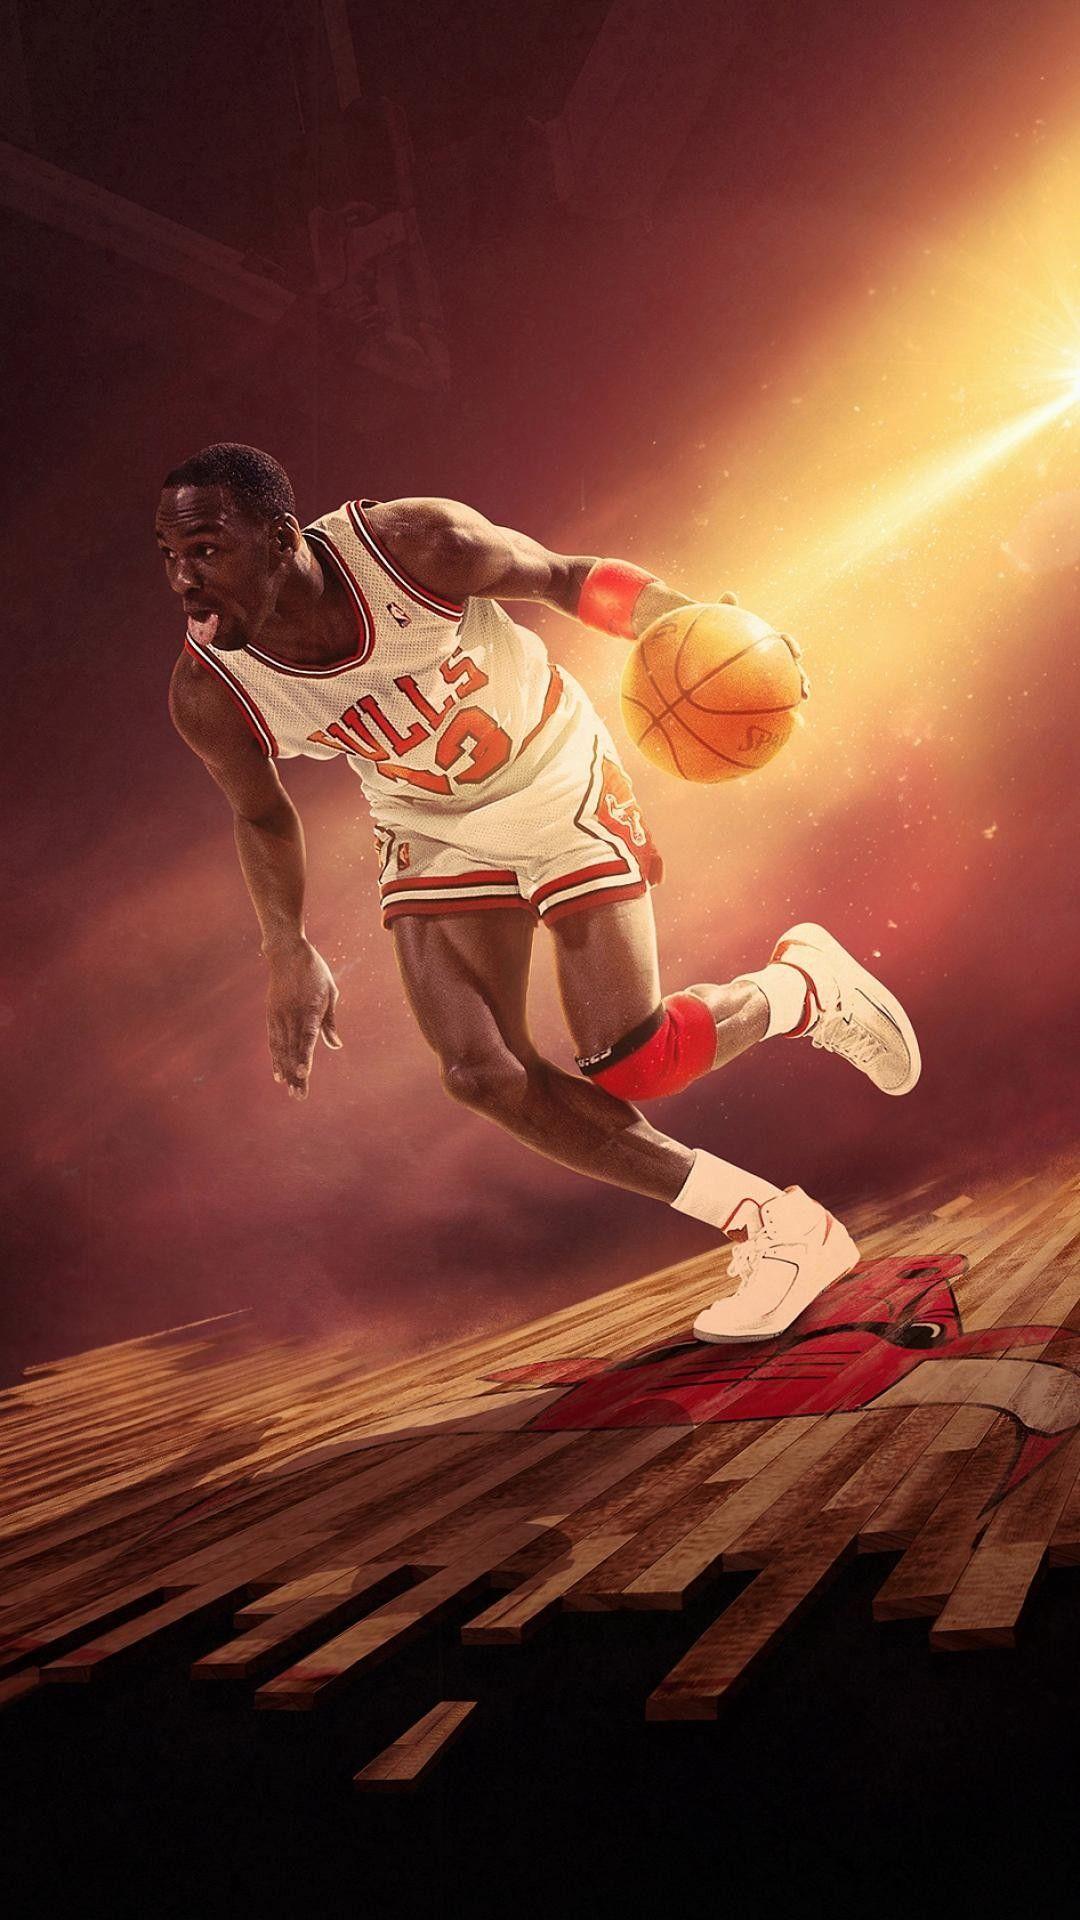 Derrick Rose Hd Wallpaper Android In 2020 Michael Jordan Images